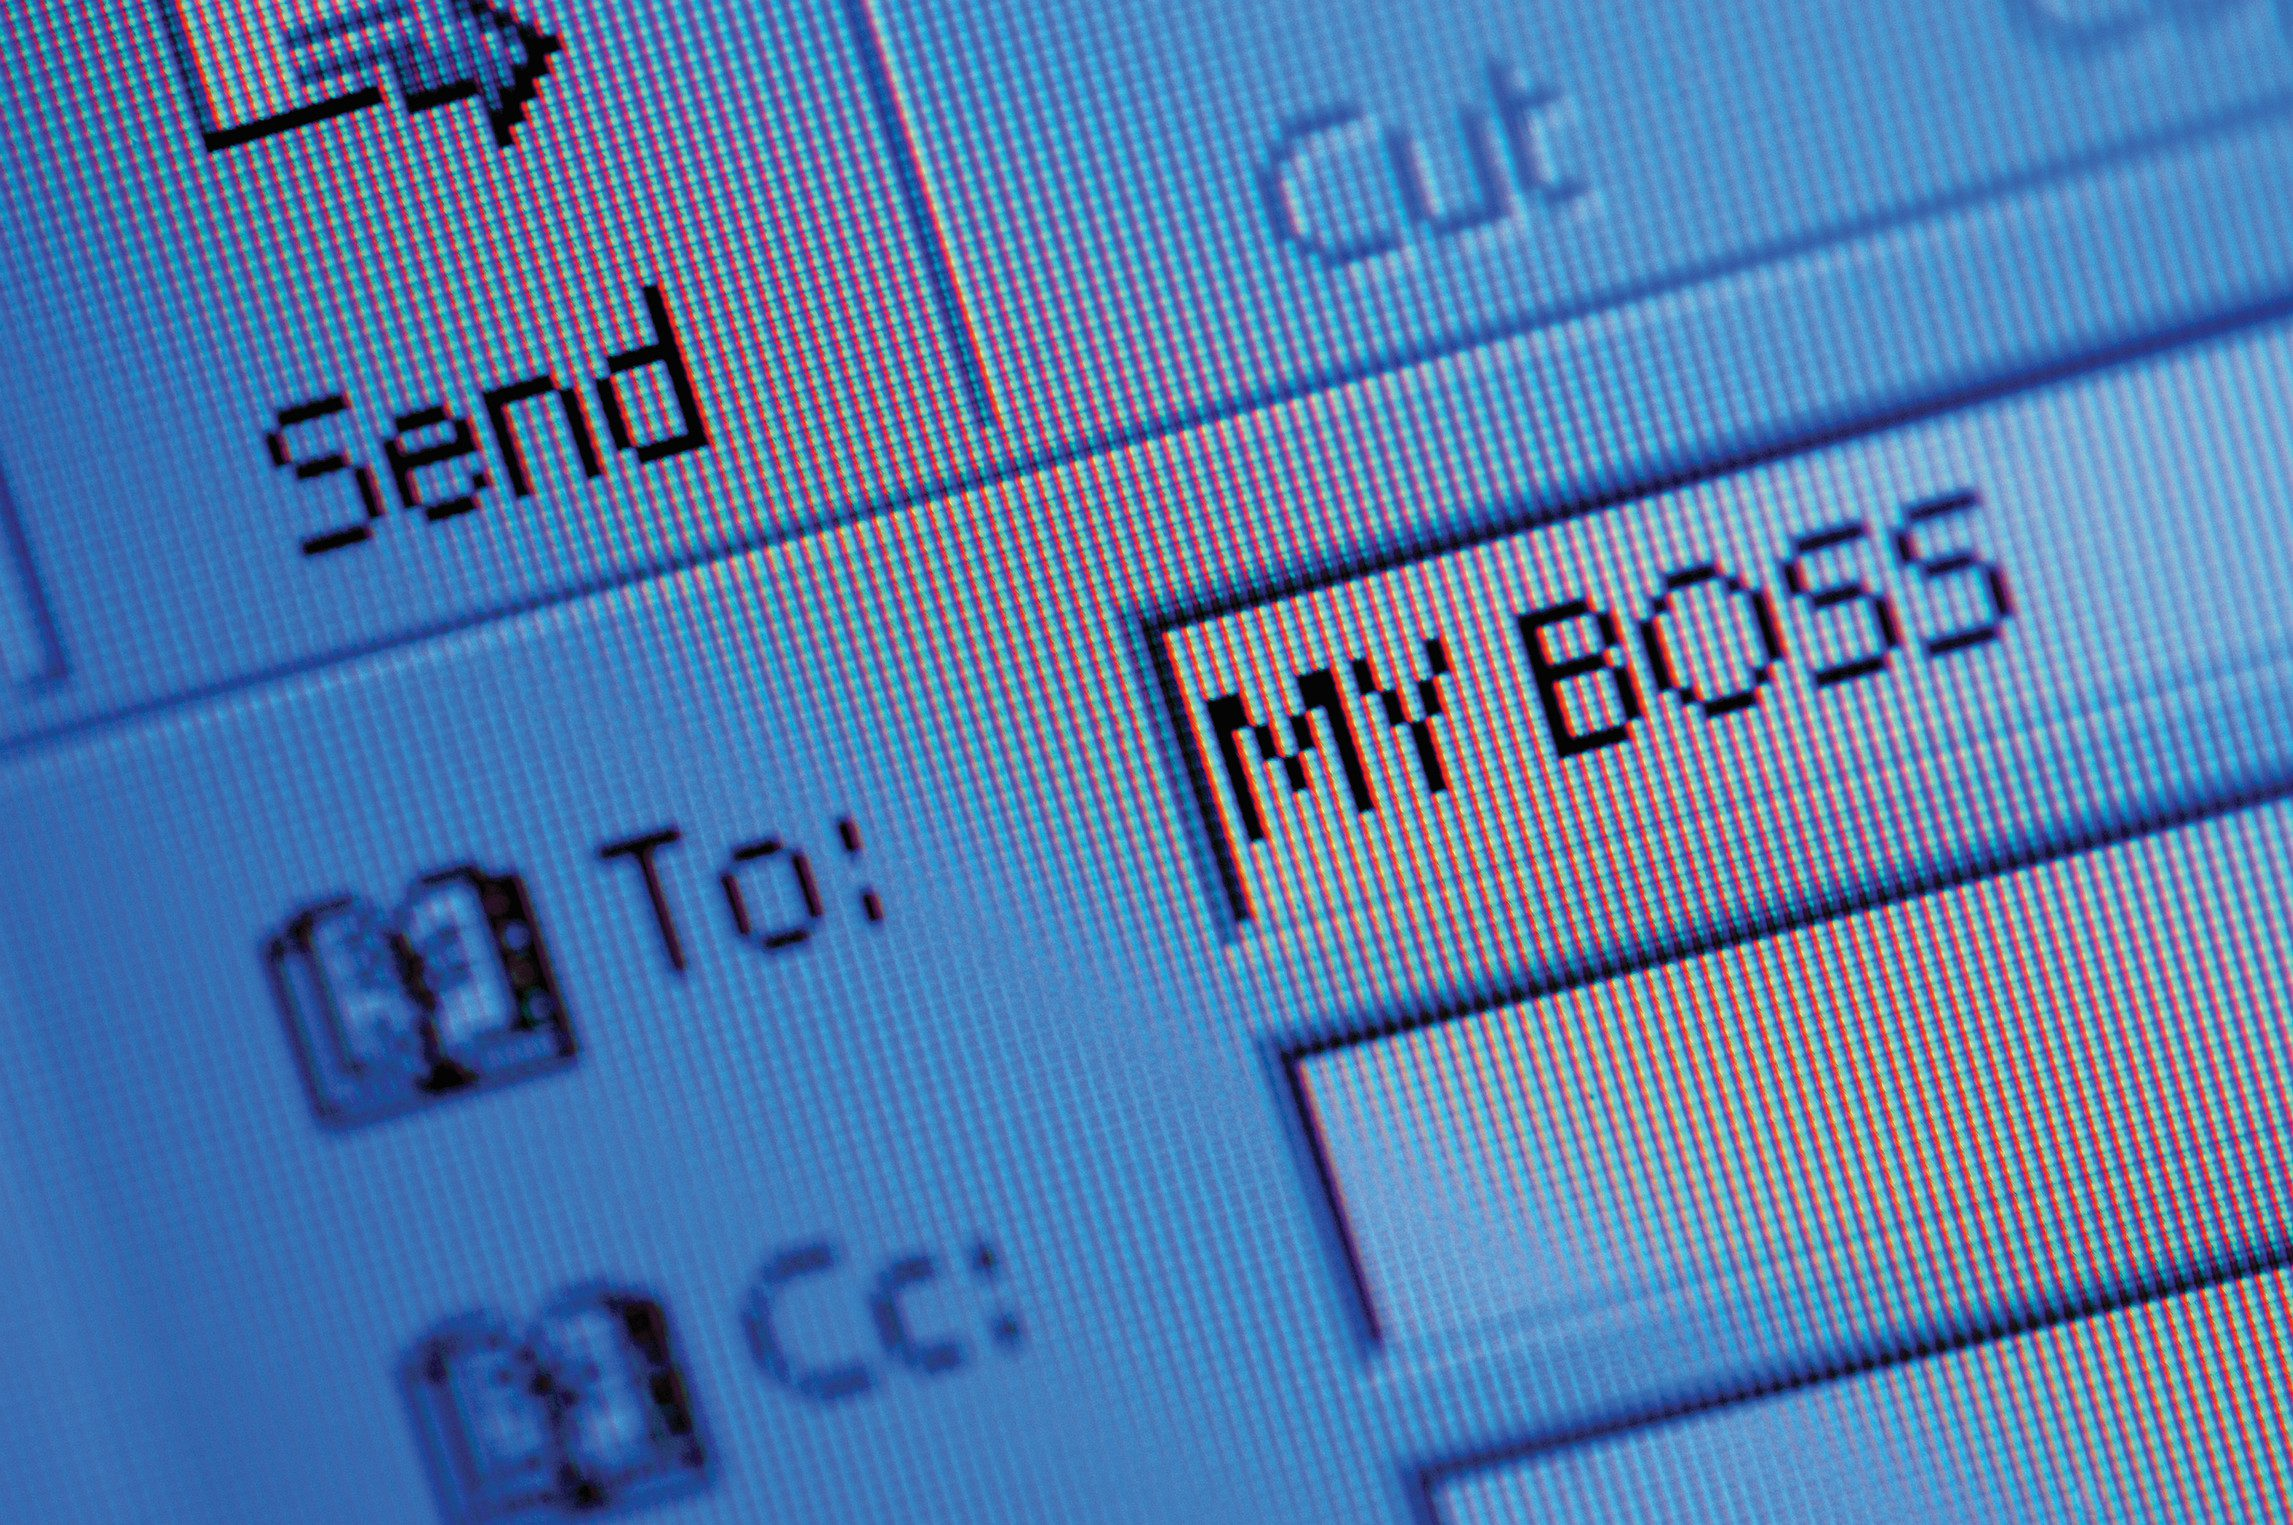 Как да спрем вече изпратен имейл? А1 Блог